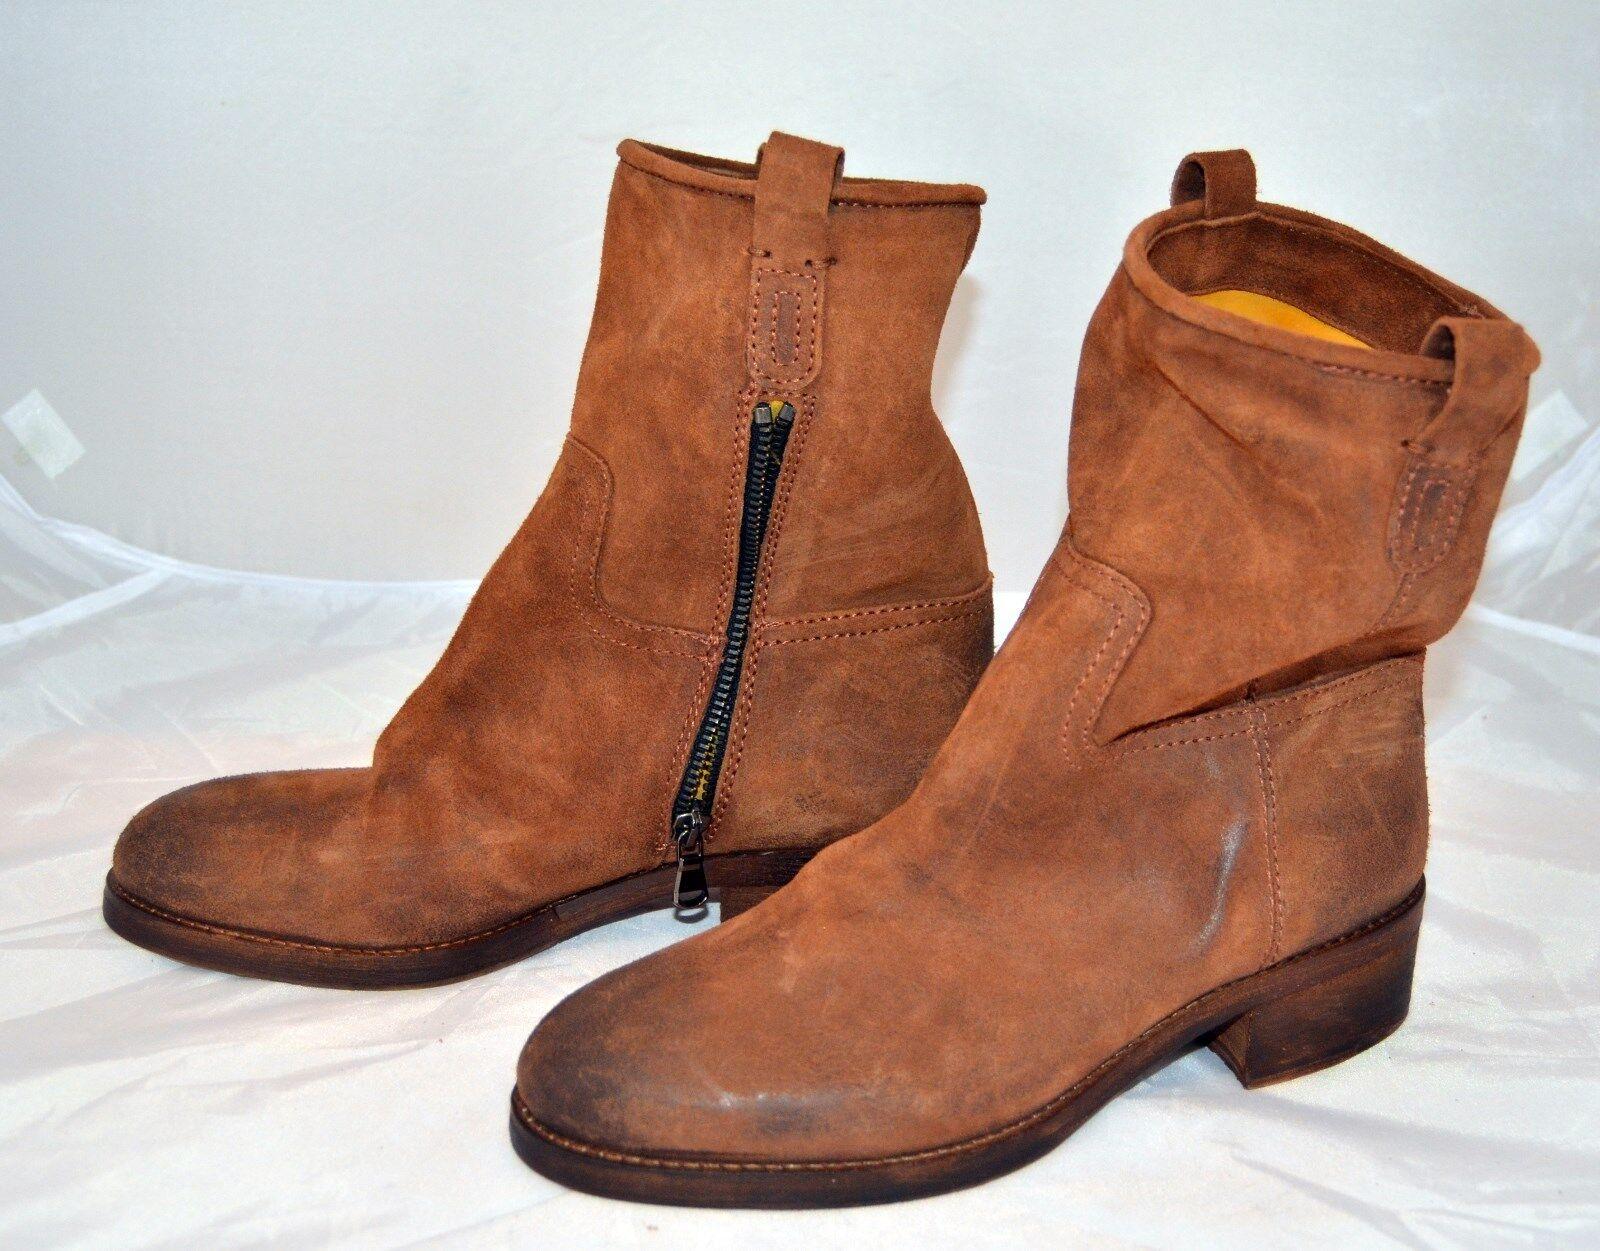 El campero botas made in italy % Braun cuero 329,- euro cosidos Braun % ms229 3c4704